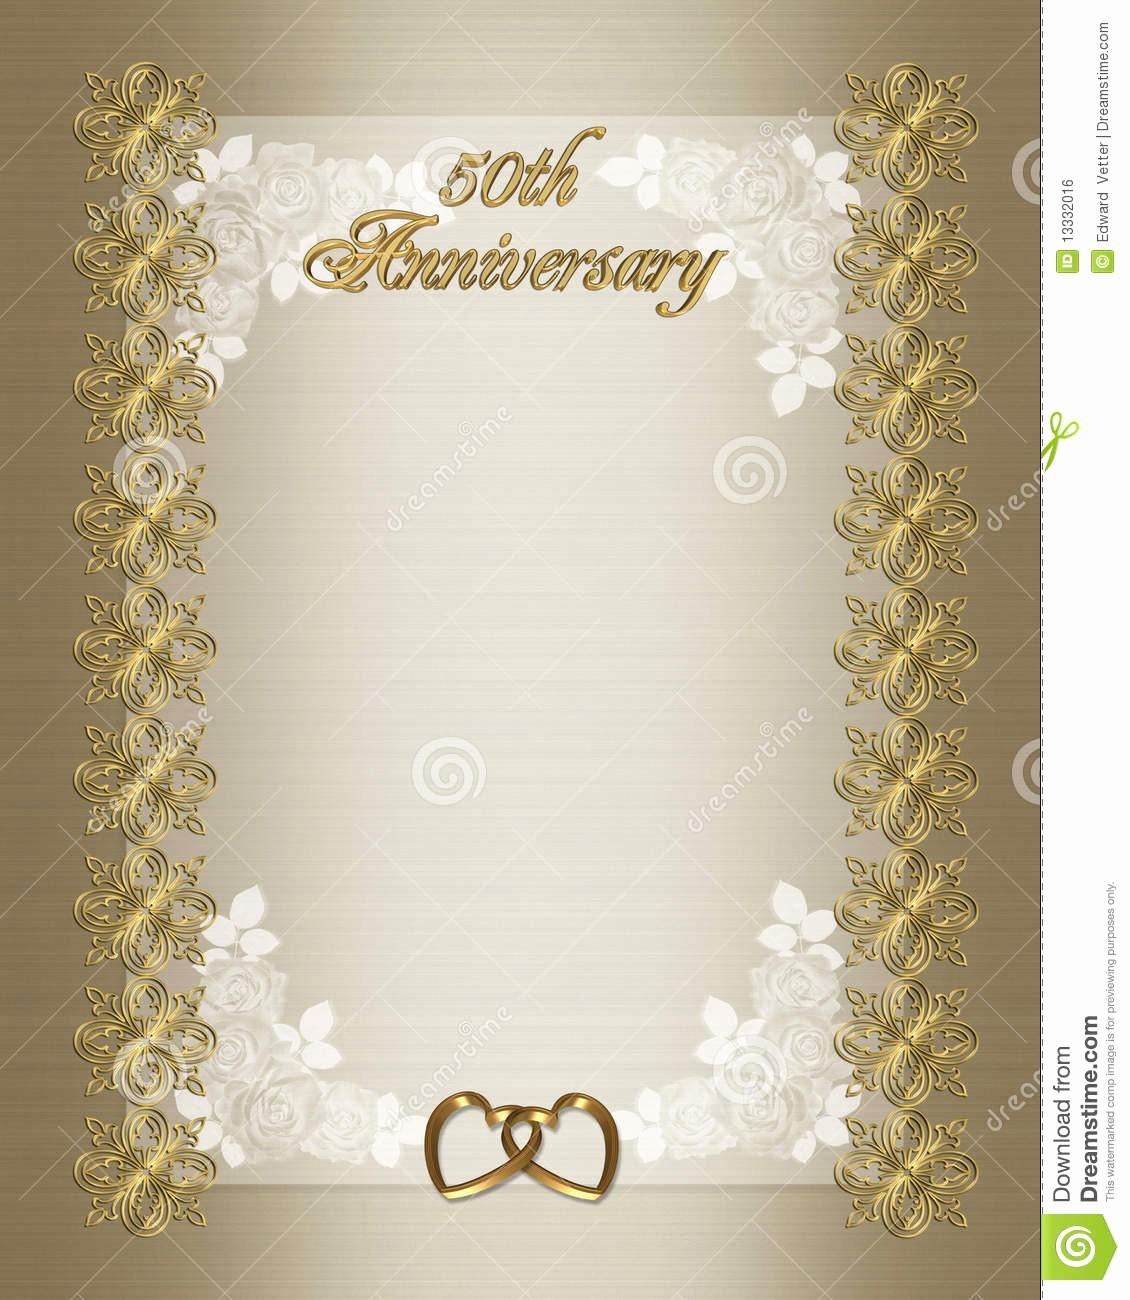 Moldes Para Convites De Aniversario Lovely 50th Molde Do Convite Do Aniversário De Casamento